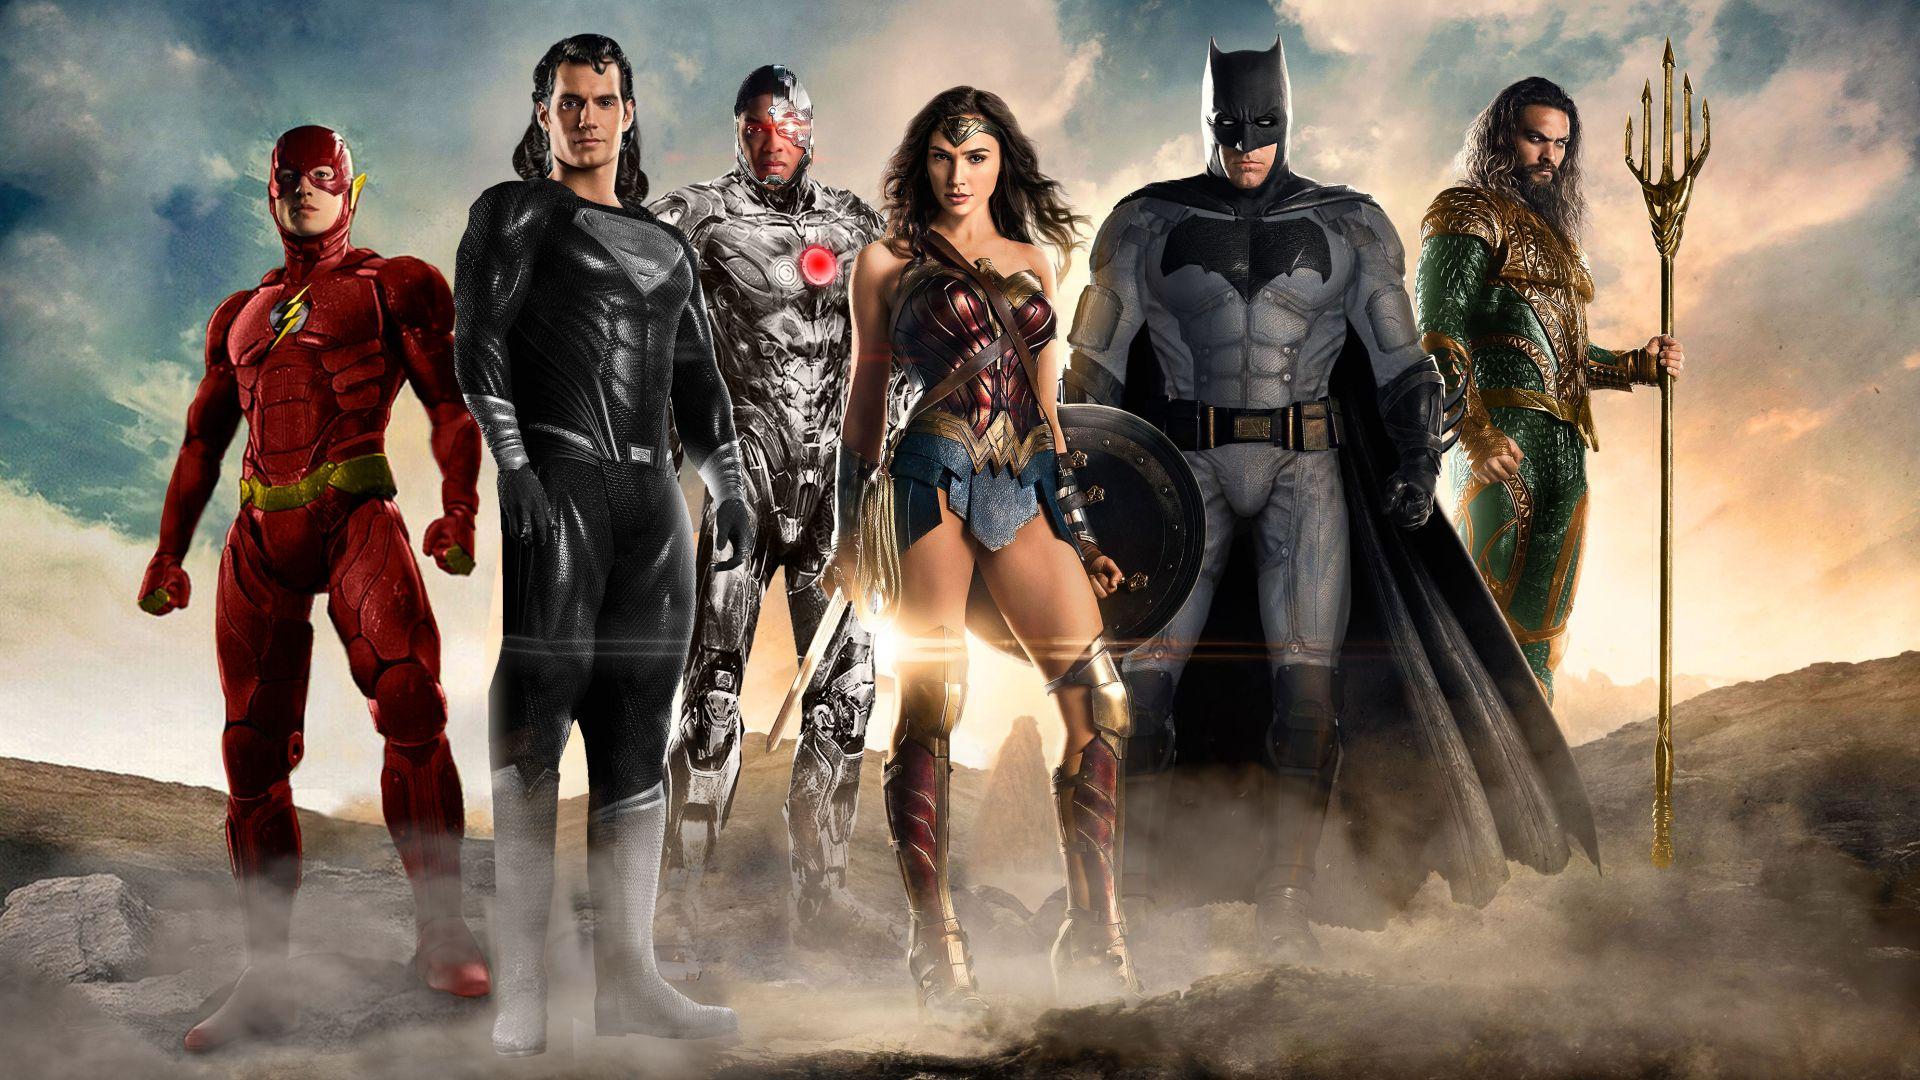 Wonder Woman Justice League 4k Fan Art Hd Movies 4k: Wallpaper Justice League, Superman, Batman, Wonder Woman